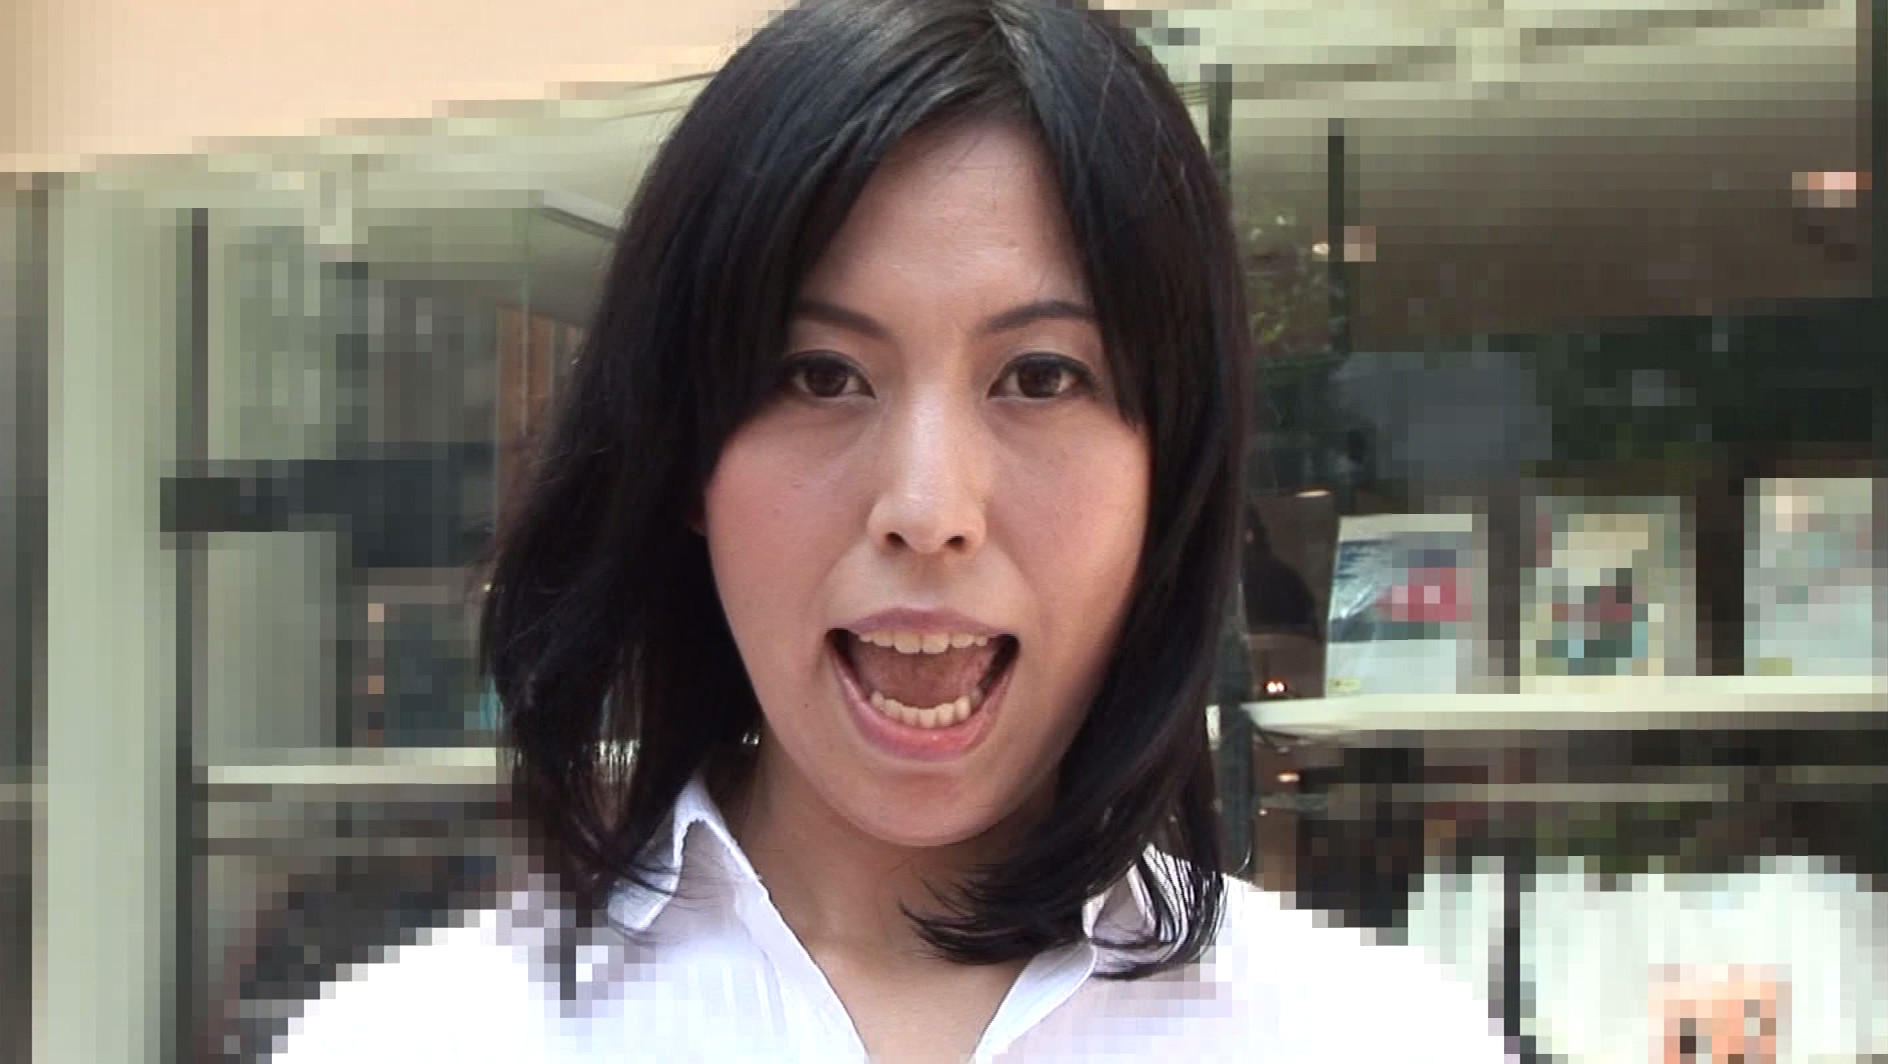 かわいいショップ店員のお姉さんを性感マッサージでとことんイカせてみた 画像1